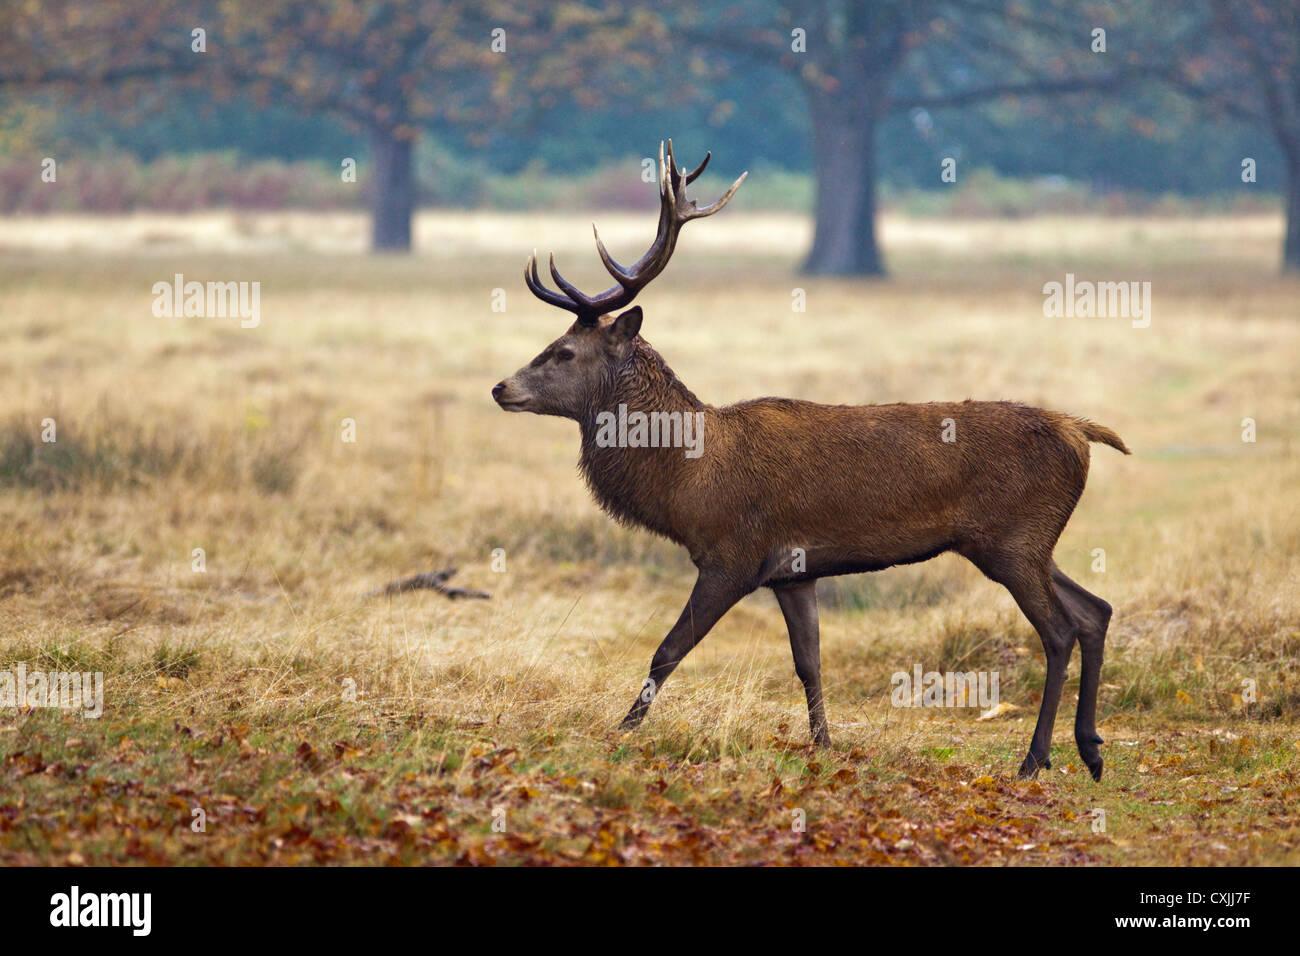 Il cervo (Cervus elaphus) stag ritratto, passeggiate, profilo, Richmond Park, Regno Unito Immagini Stock